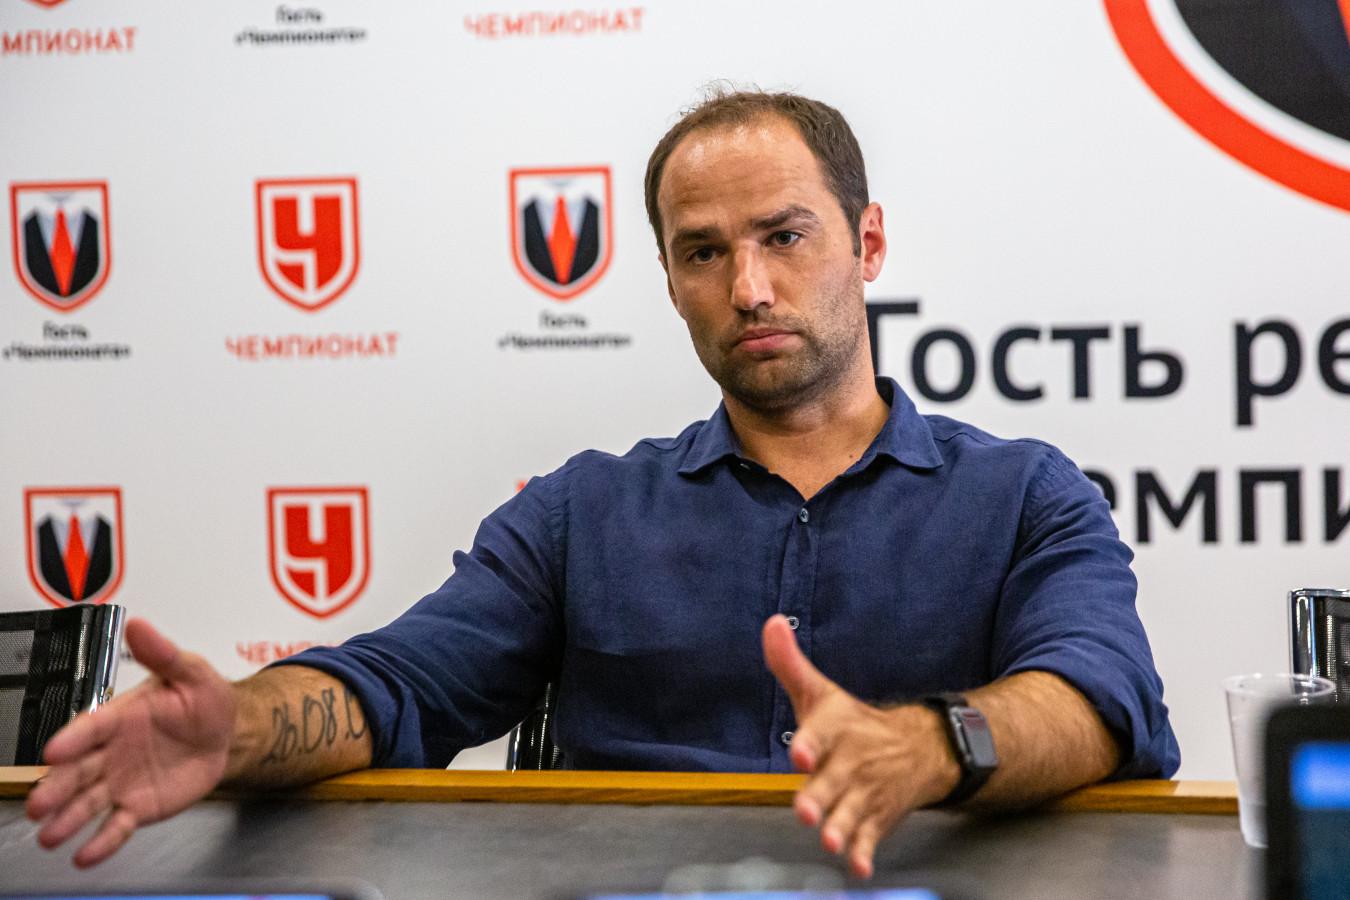 Адвокат Добровинский: что Широков сделает с судьёй, если приговор не понравится? Страшно